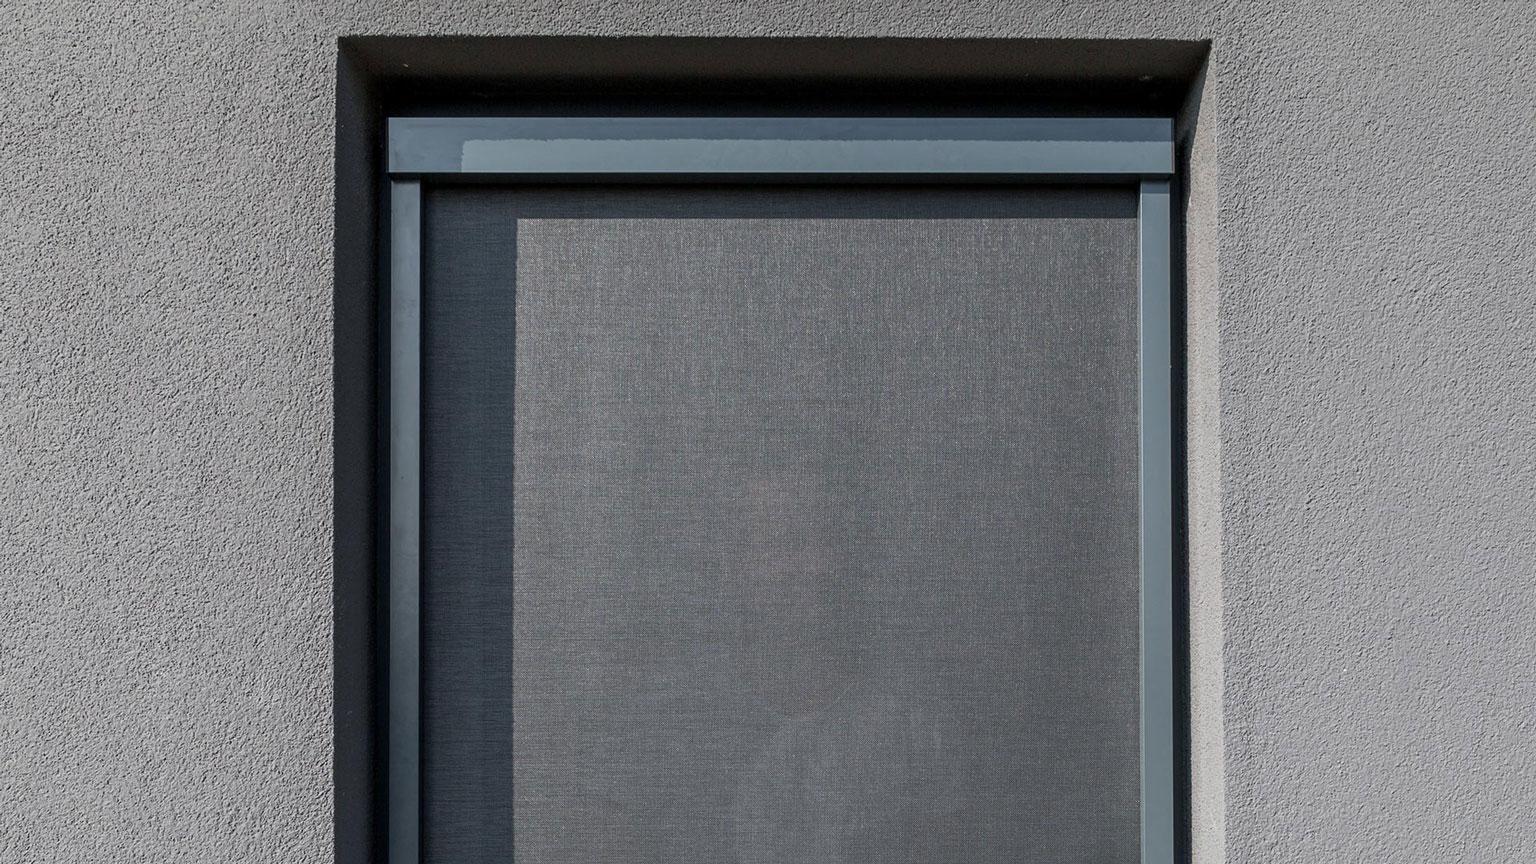 Full Size of Sonnenschutzfolie Fenster Innen Hitzeschutzfolie Selbsthaftend Anbringen Test Obi Baumarkt Montage Oder Aussen Doppelverglasung Entfernen Das Auenrollo Einzige Fenster Sonnenschutzfolie Fenster Innen